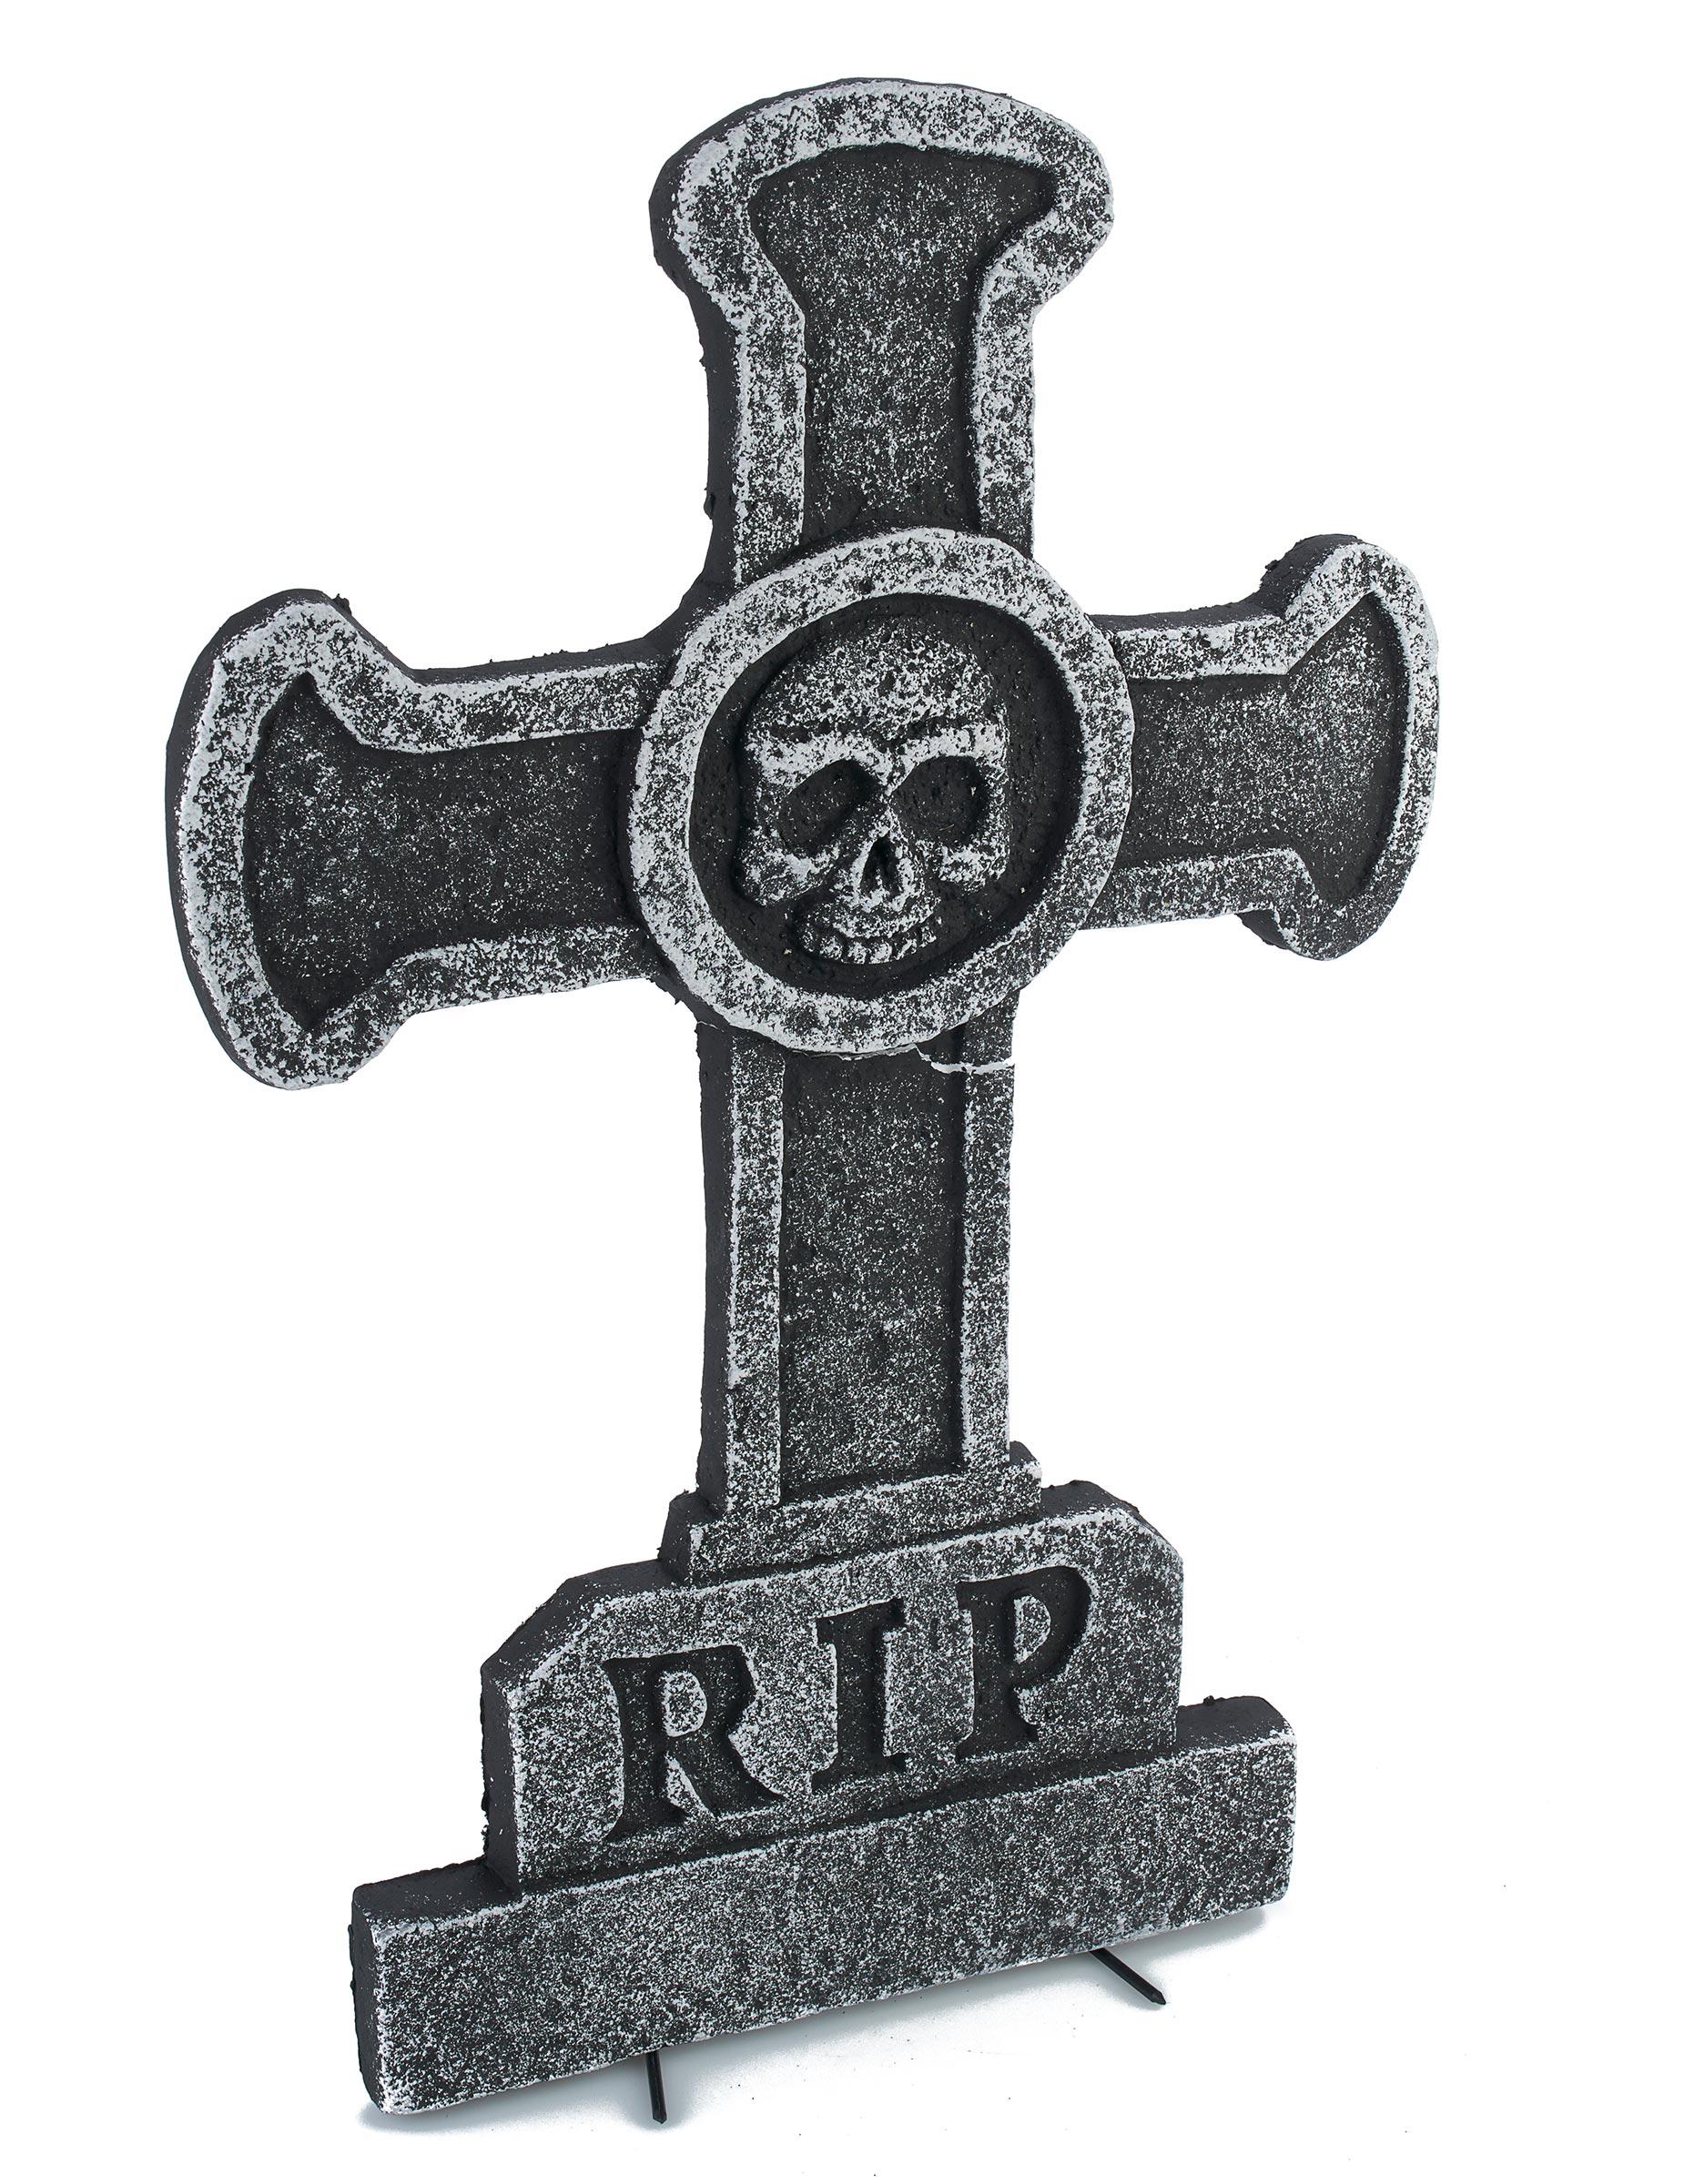 d coration pierre tombale croix avec t te de mort 39 x 58 cm deguise toi achat de decoration. Black Bedroom Furniture Sets. Home Design Ideas